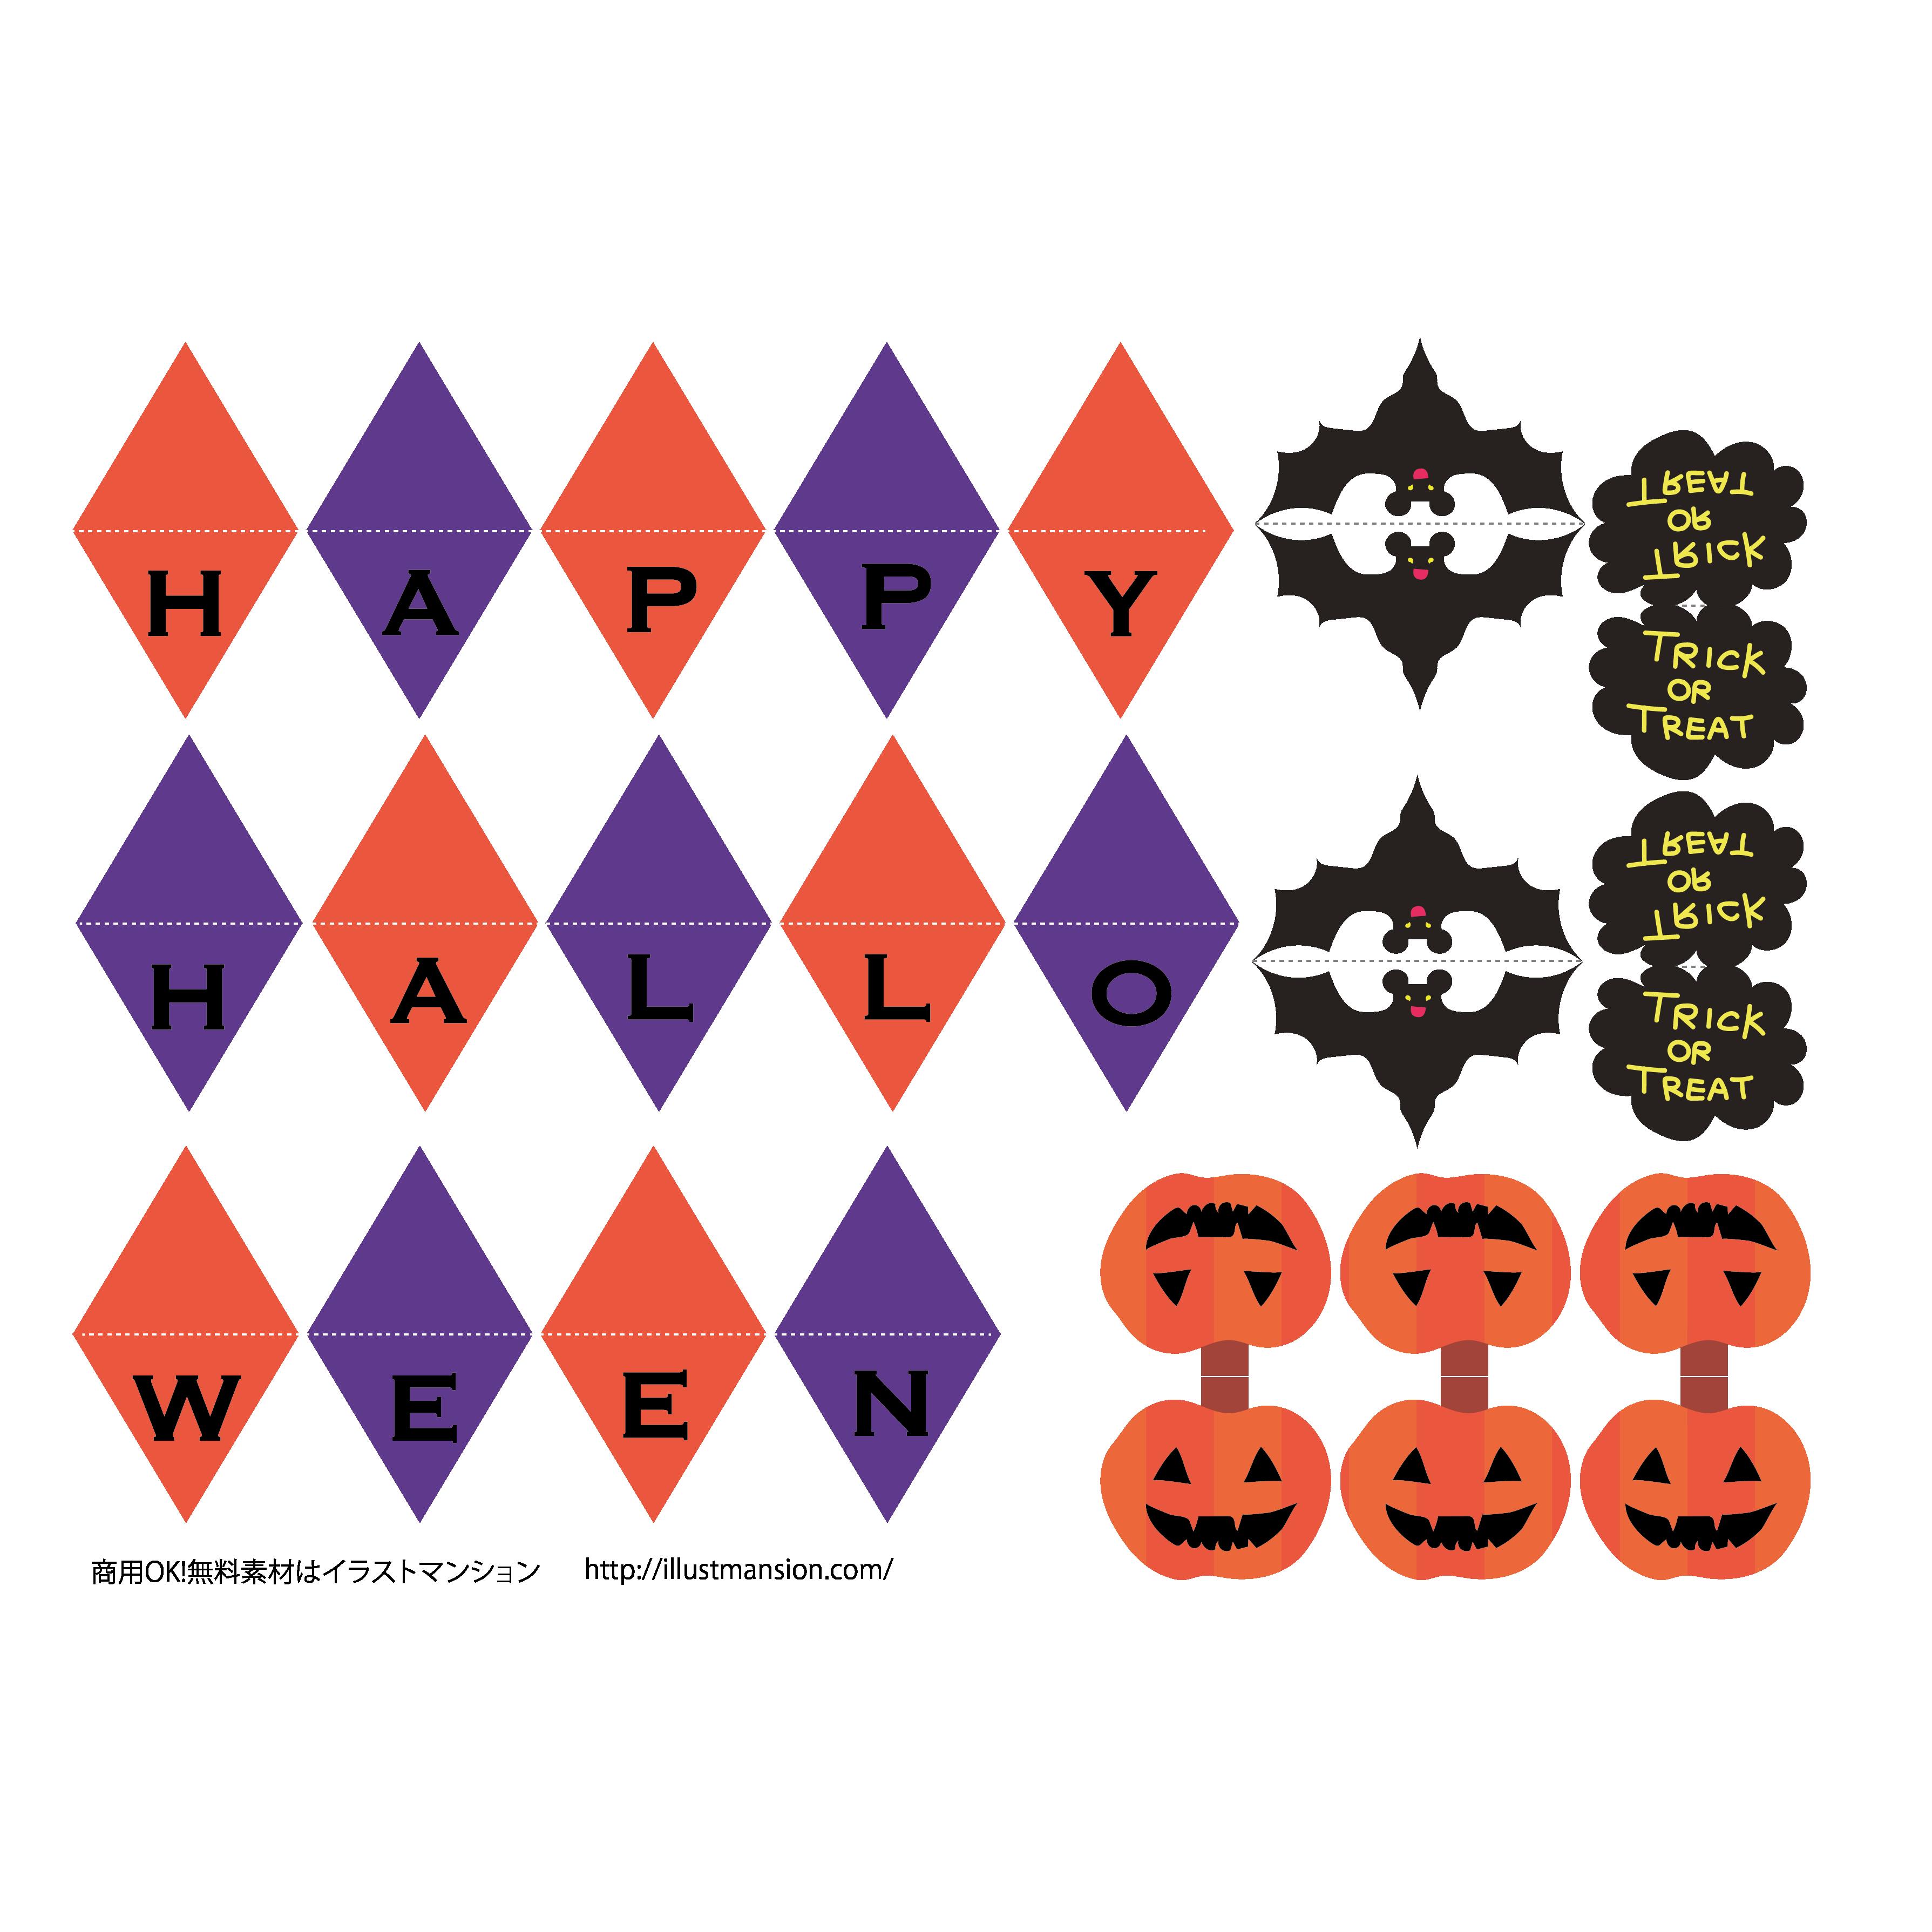 ハロウィン 飾り「ガーランド」工作系イラスト素材!【超おすすめ